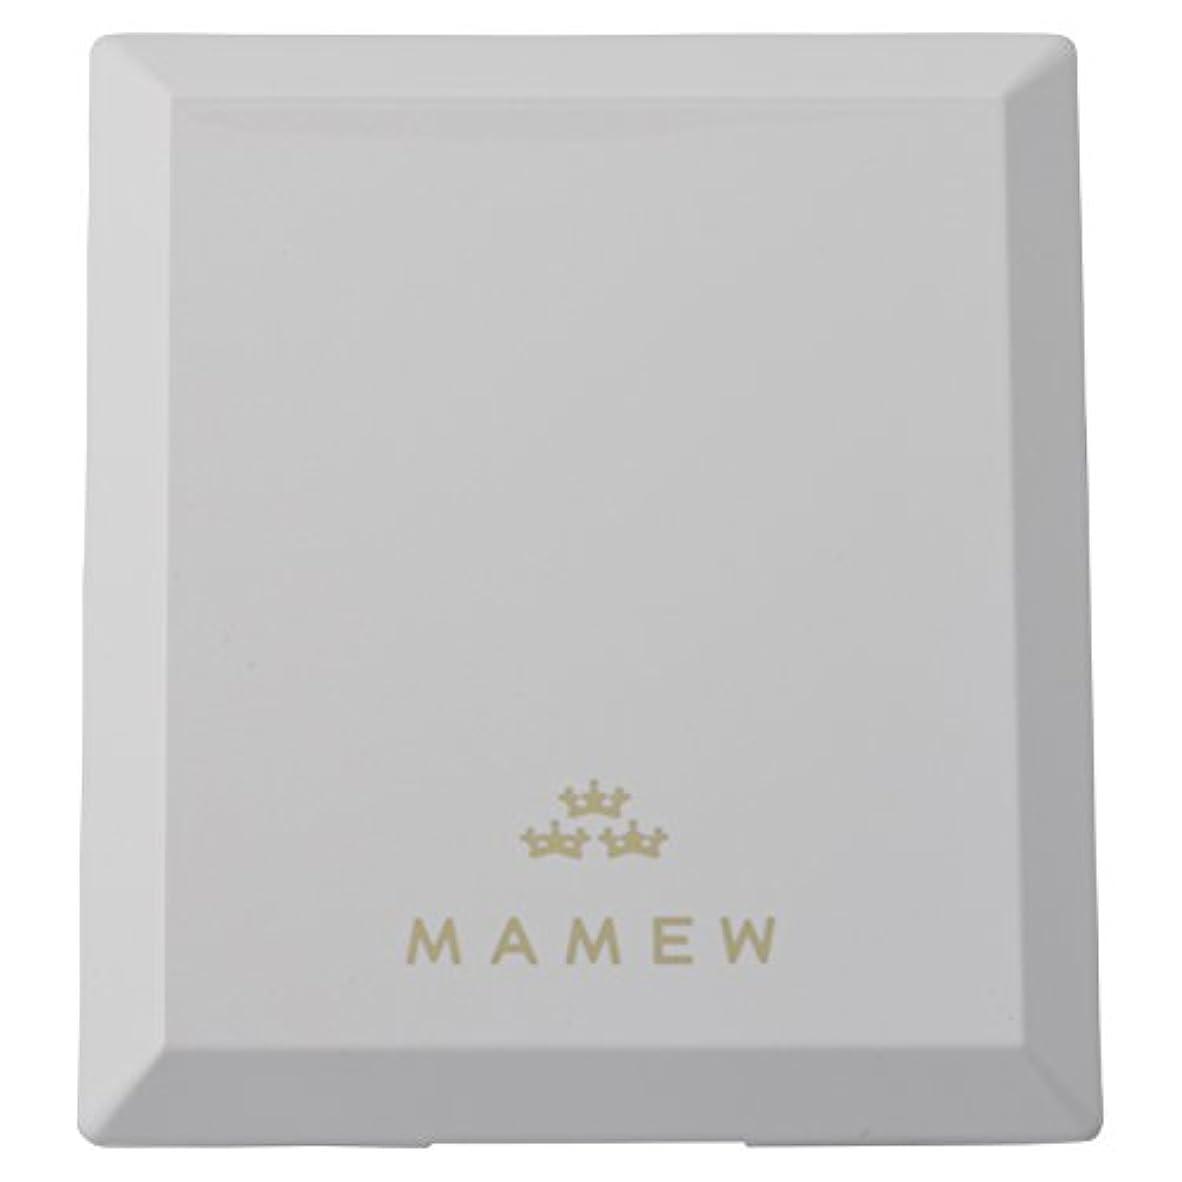 該当するリースアクロバットMAMEW(マミュ) カラーコレクションケース-メイクパレッド 鏡付き